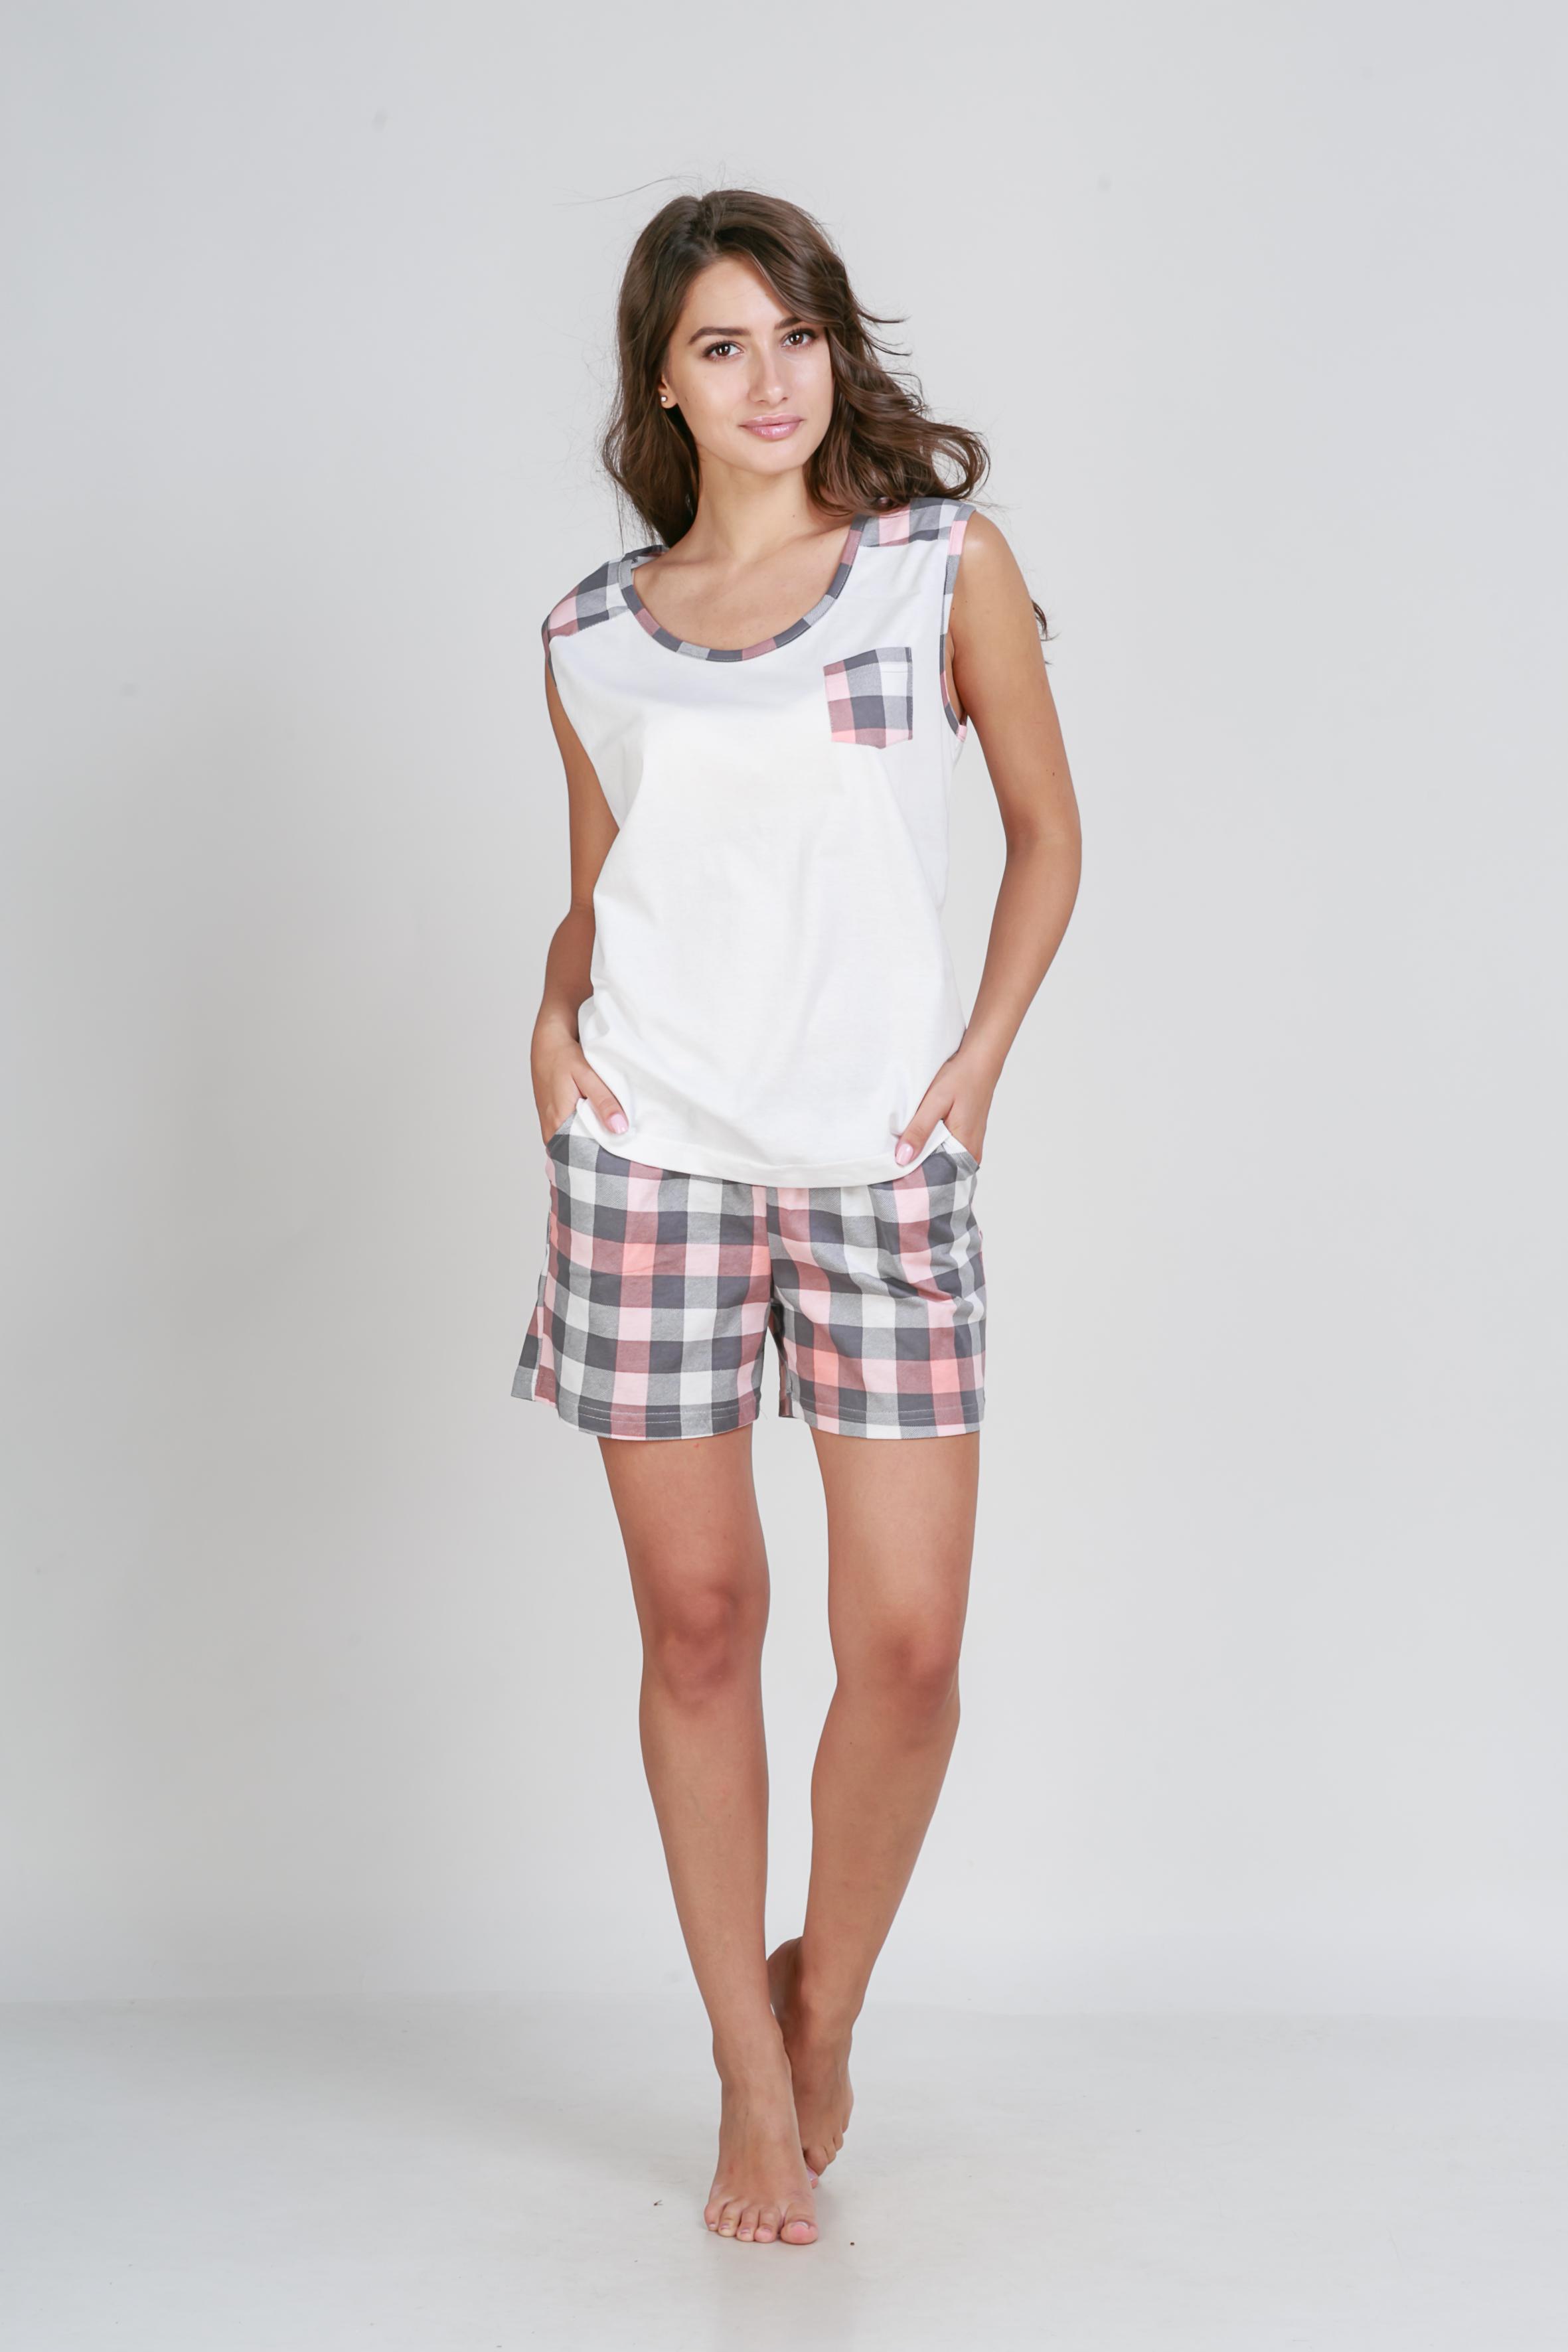 Пижамы Pastilla Пижама Сорренто Цвет: Коралловый (M-L) пижама жен mia cara майка шорты botanical aw15 ubl lst 264 р 42 44 1119503